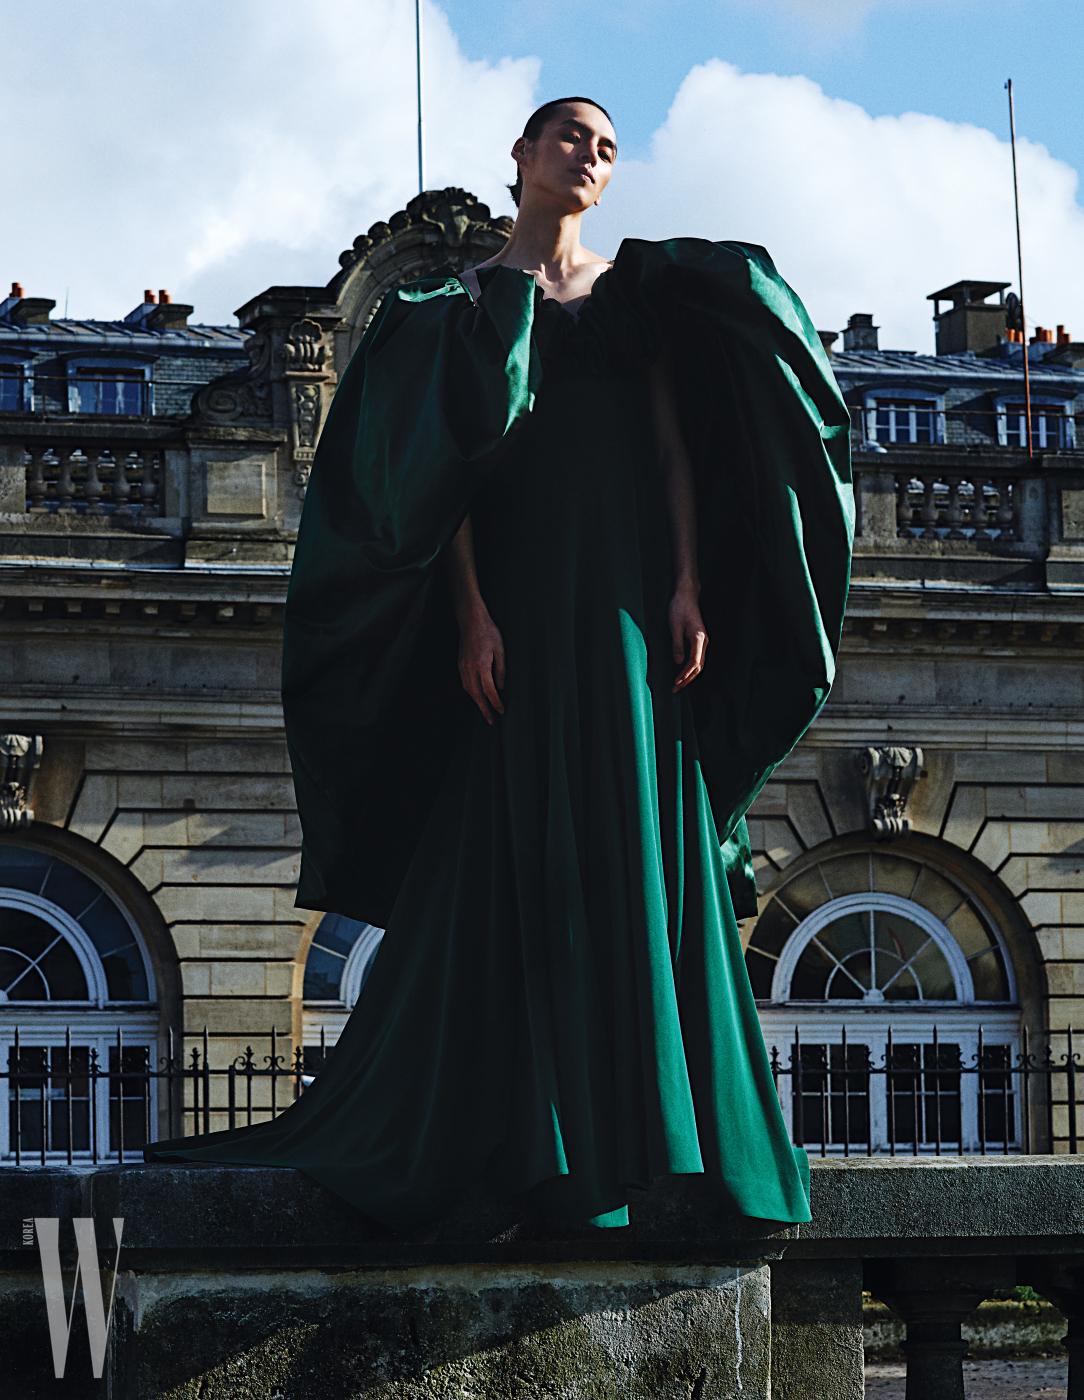 큼직한 셔링 팔 장식이 특징인 청록빛 드레스는 Alexis Mabille 제품.